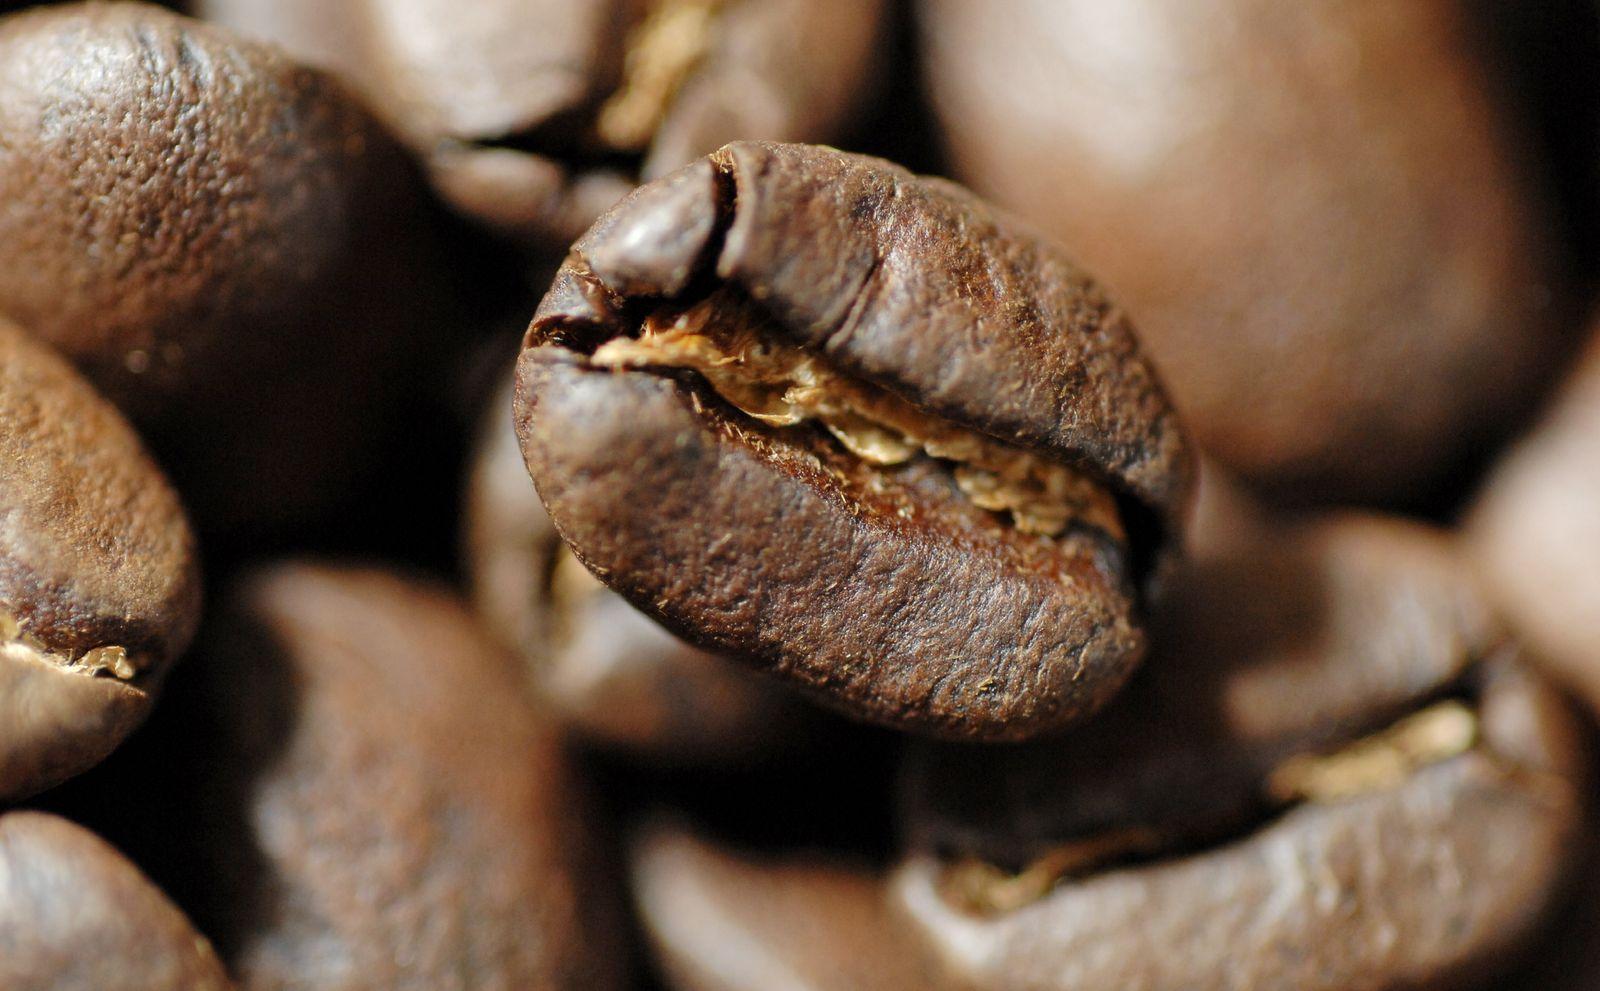 NICHT VERWENDEN Symbolbild Kaffee / Kaffeebohnen / Kaffeerösterei